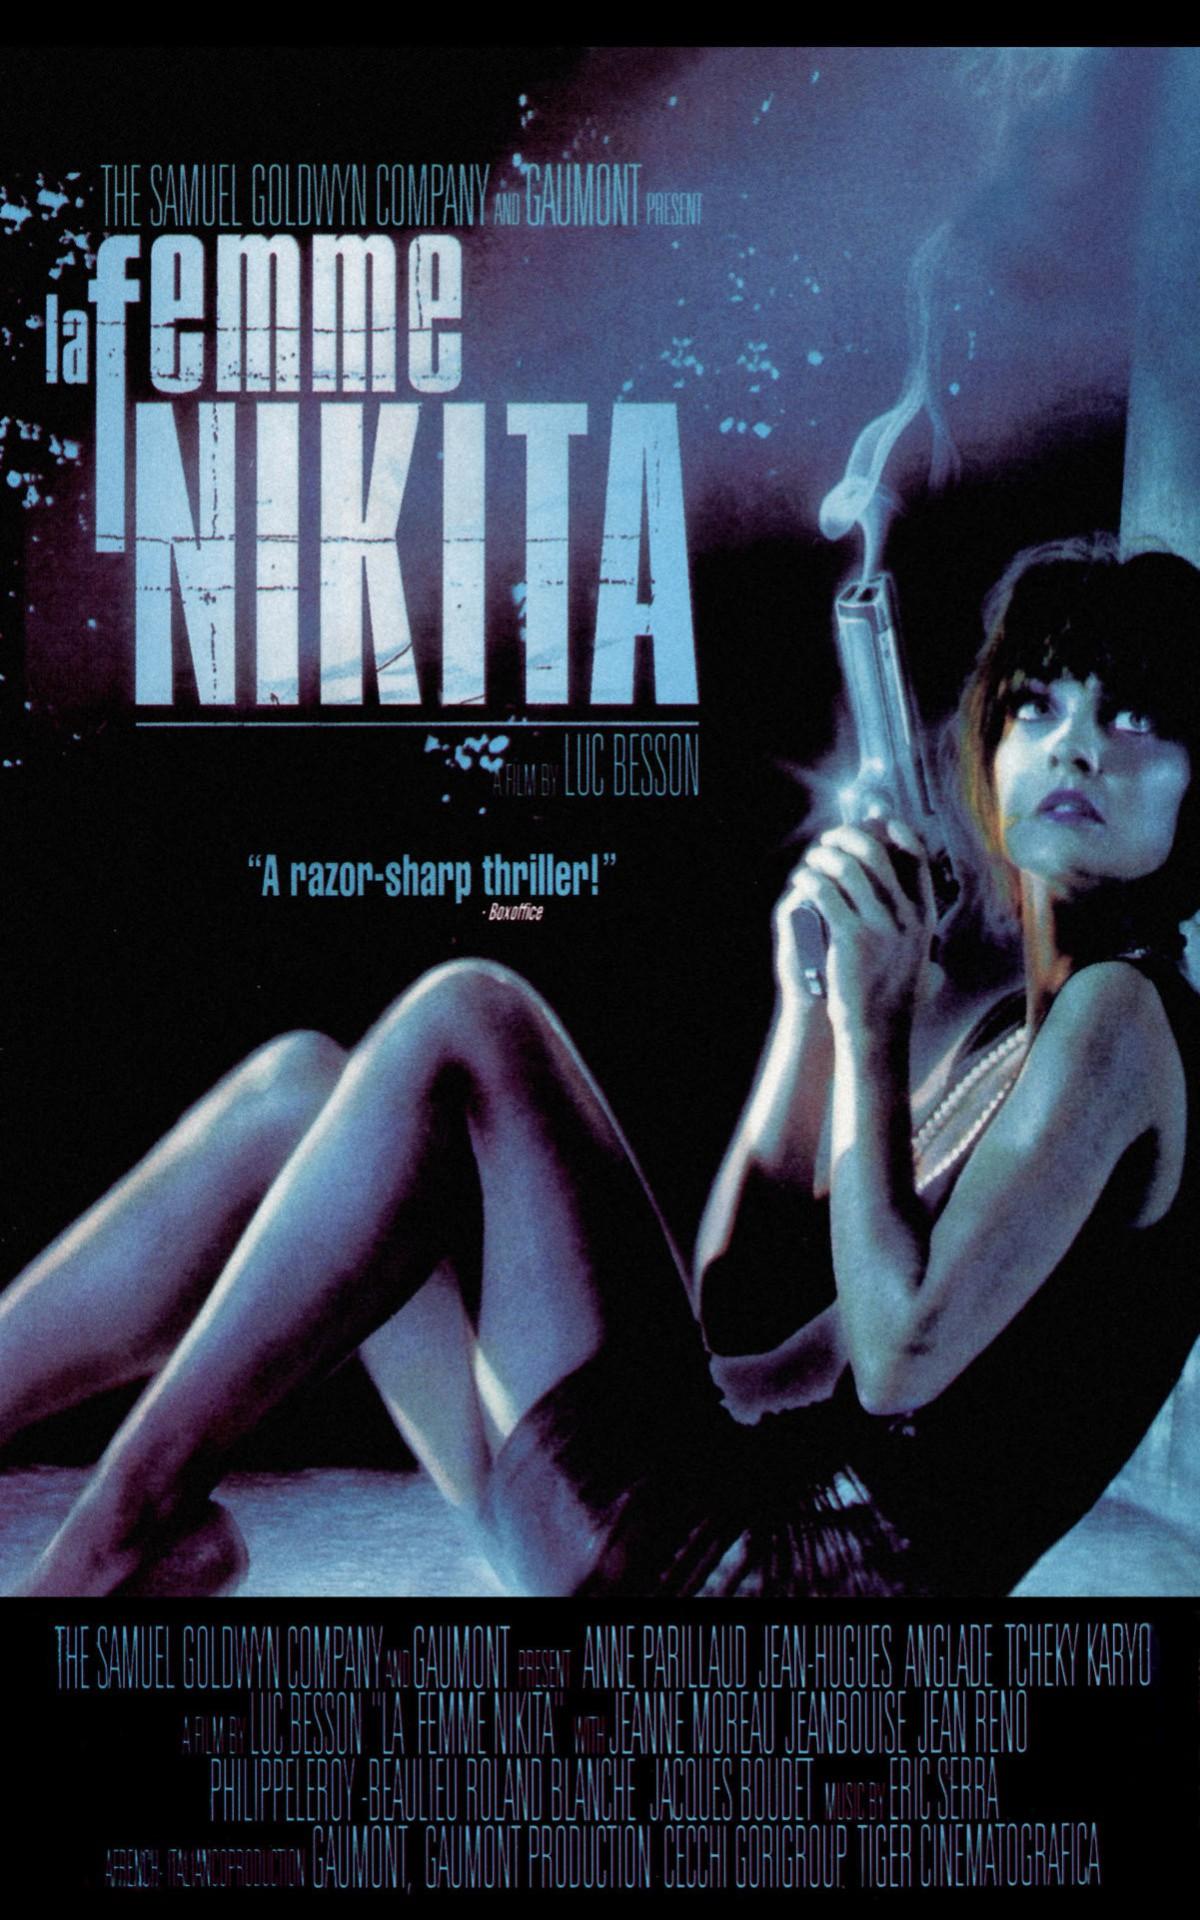 16. La Femme Nikita (1990)